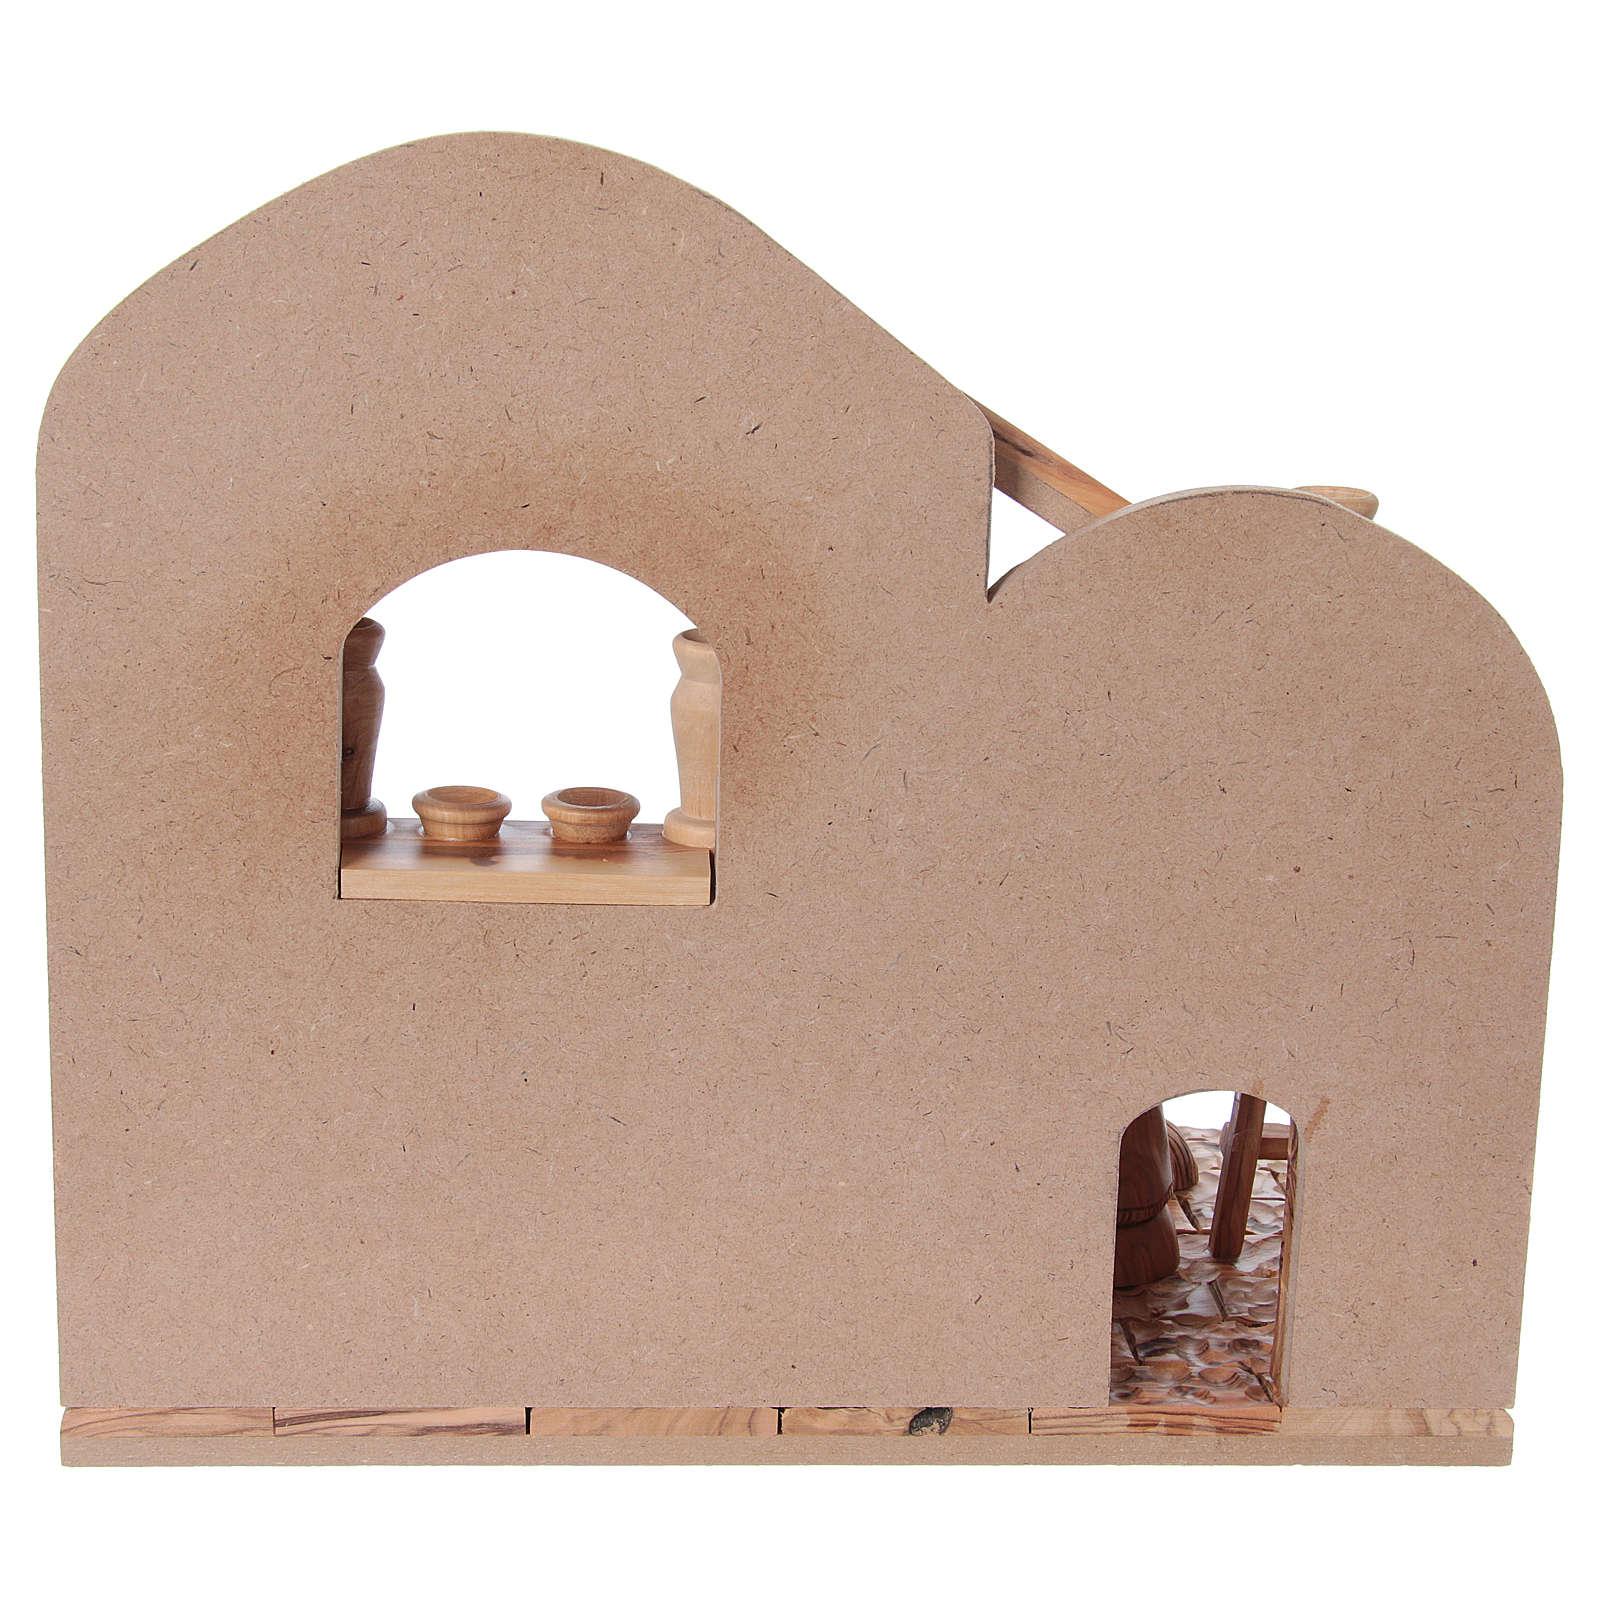 Presepe completo in ulivo di Betlemme 12 cm con casetta 30x35x25 cm 4